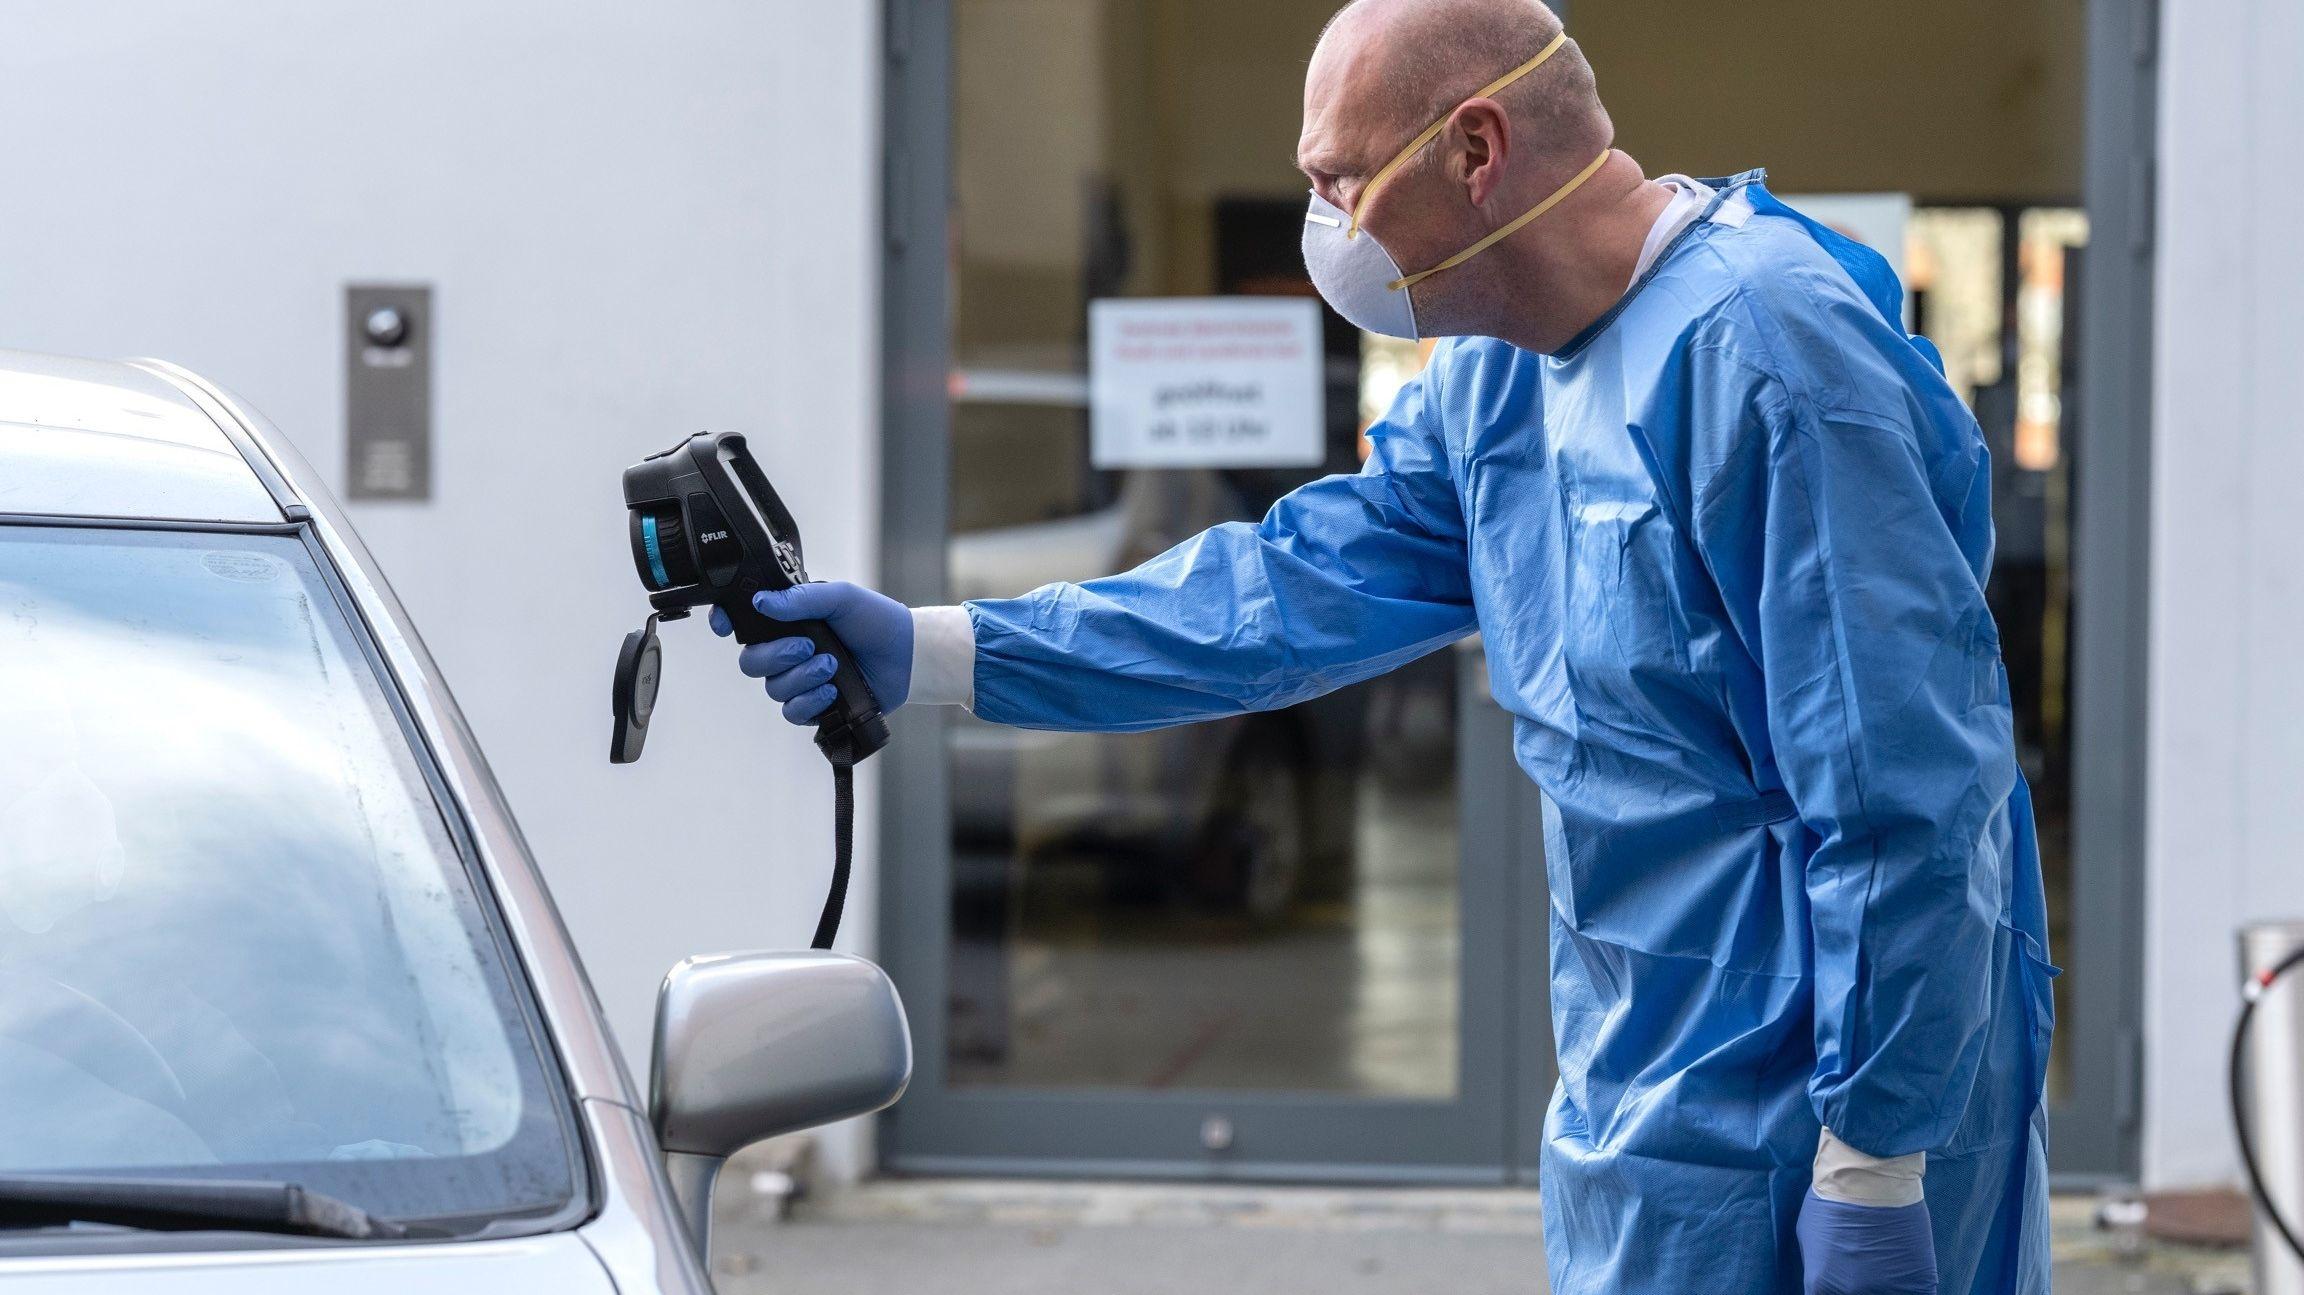 Ein Mitarbeiter der Teststelle Hof im blauem Schutzanzug hält eine Wärmebildkamera durch das geöffnete Fenster in Richtung Testperson, die im Auto sitzt.